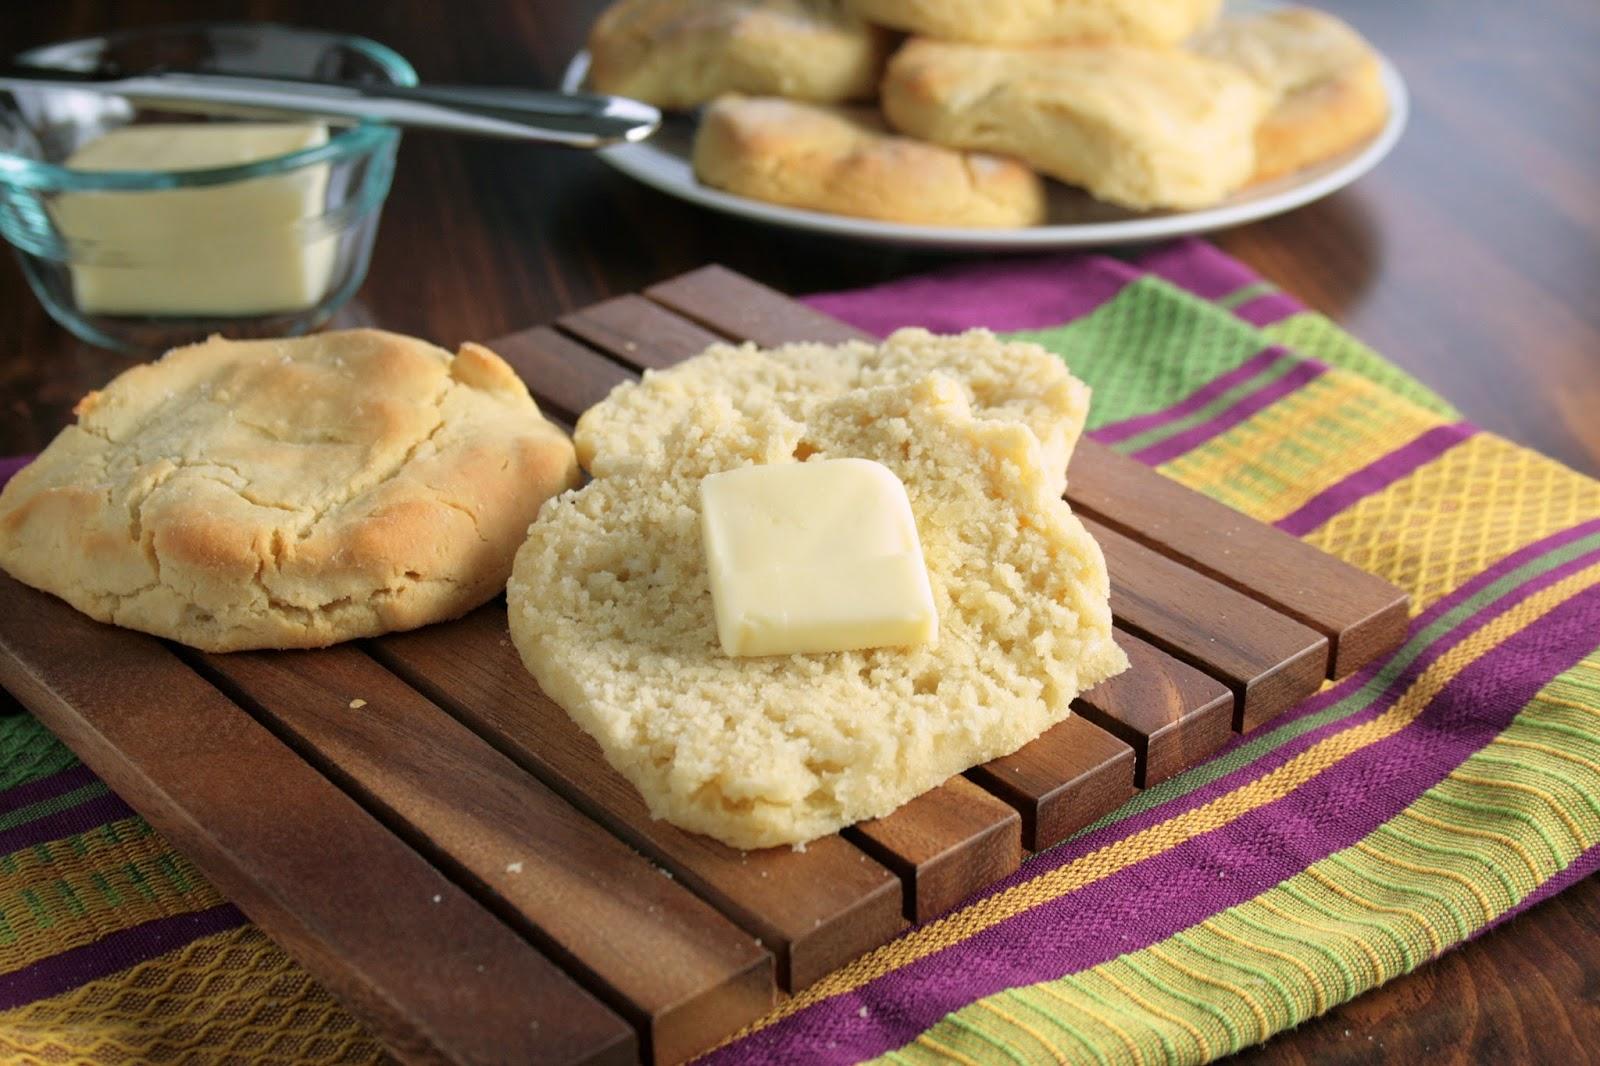 Lazy Gluten Free: Gluten Free Buttermilk Biscuits